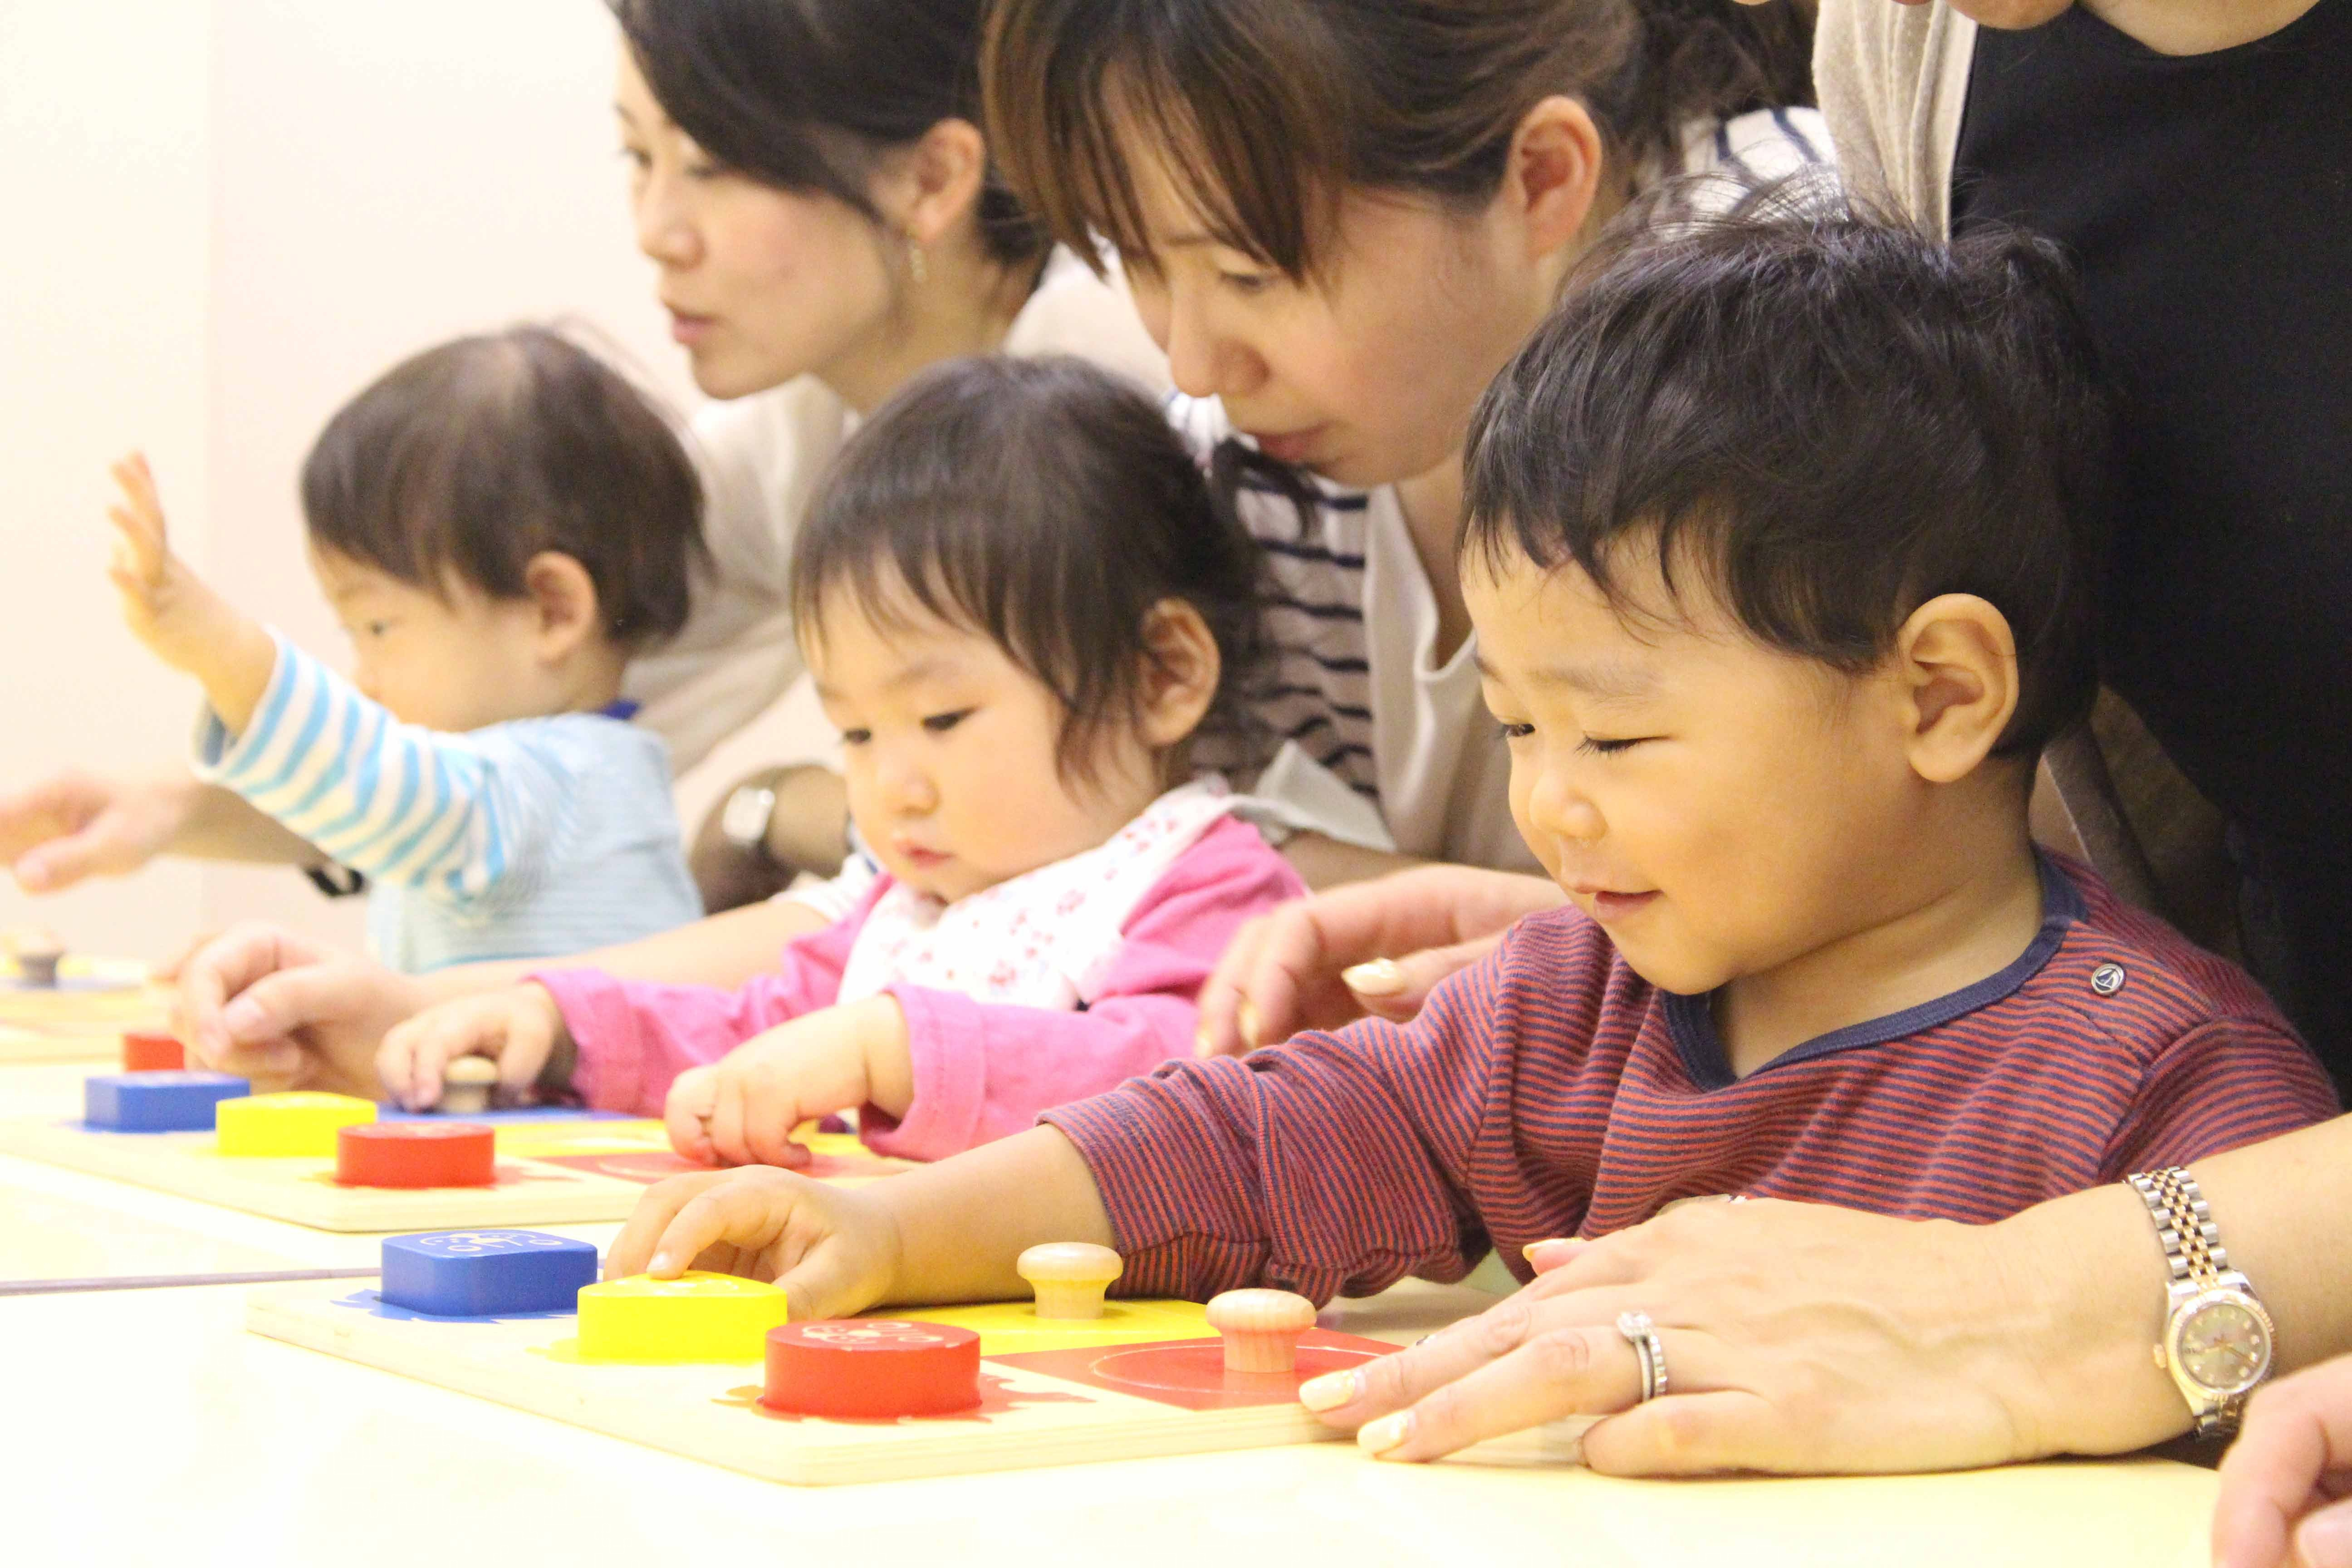 幼小教育研究会 プリンスジュニア 新越谷校 のアルバイト情報